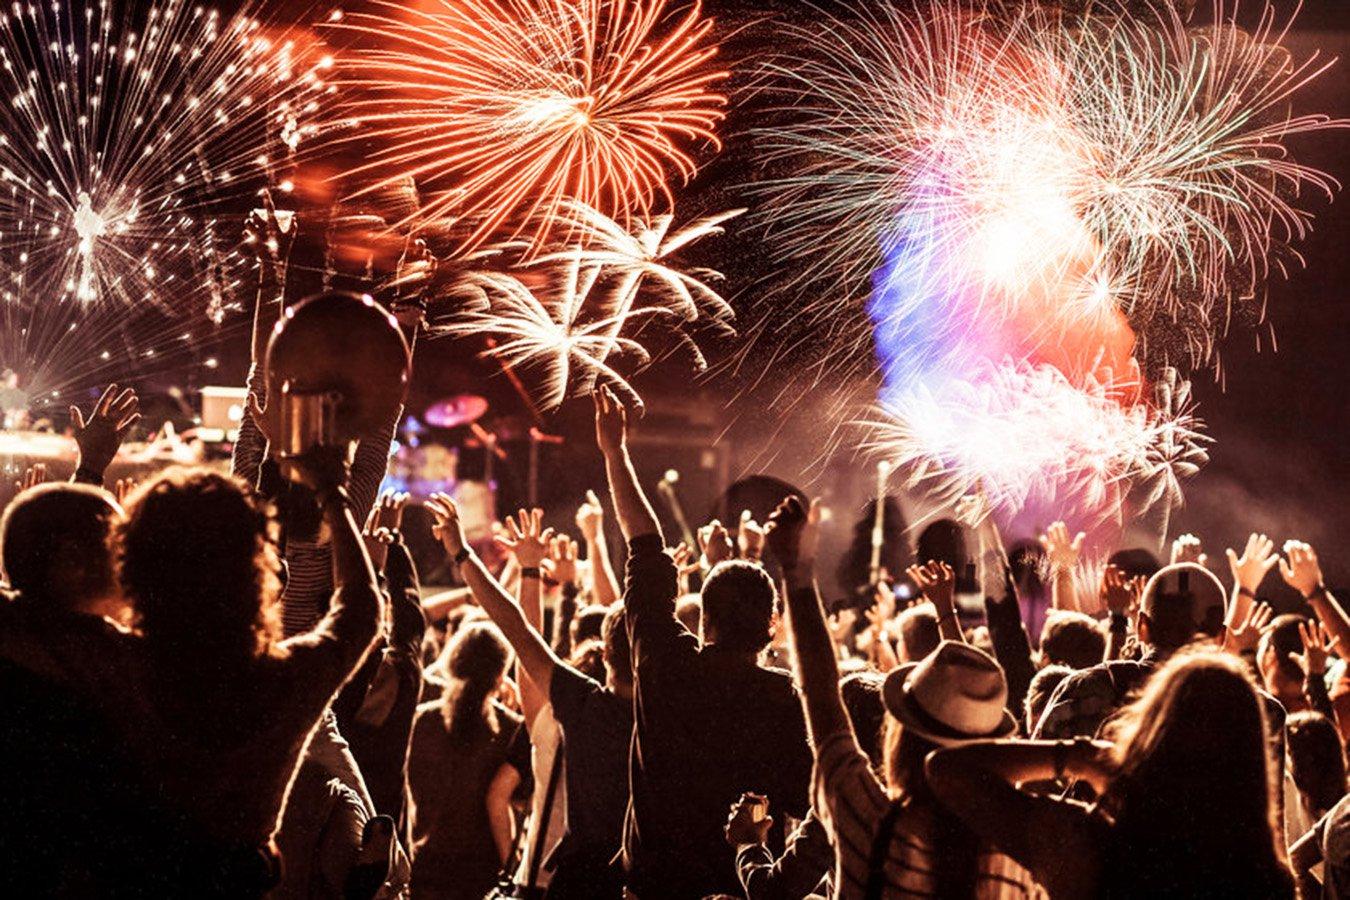 Revéillon 2018 em Goiânia terá diversas atrações | Foto: Reprodução